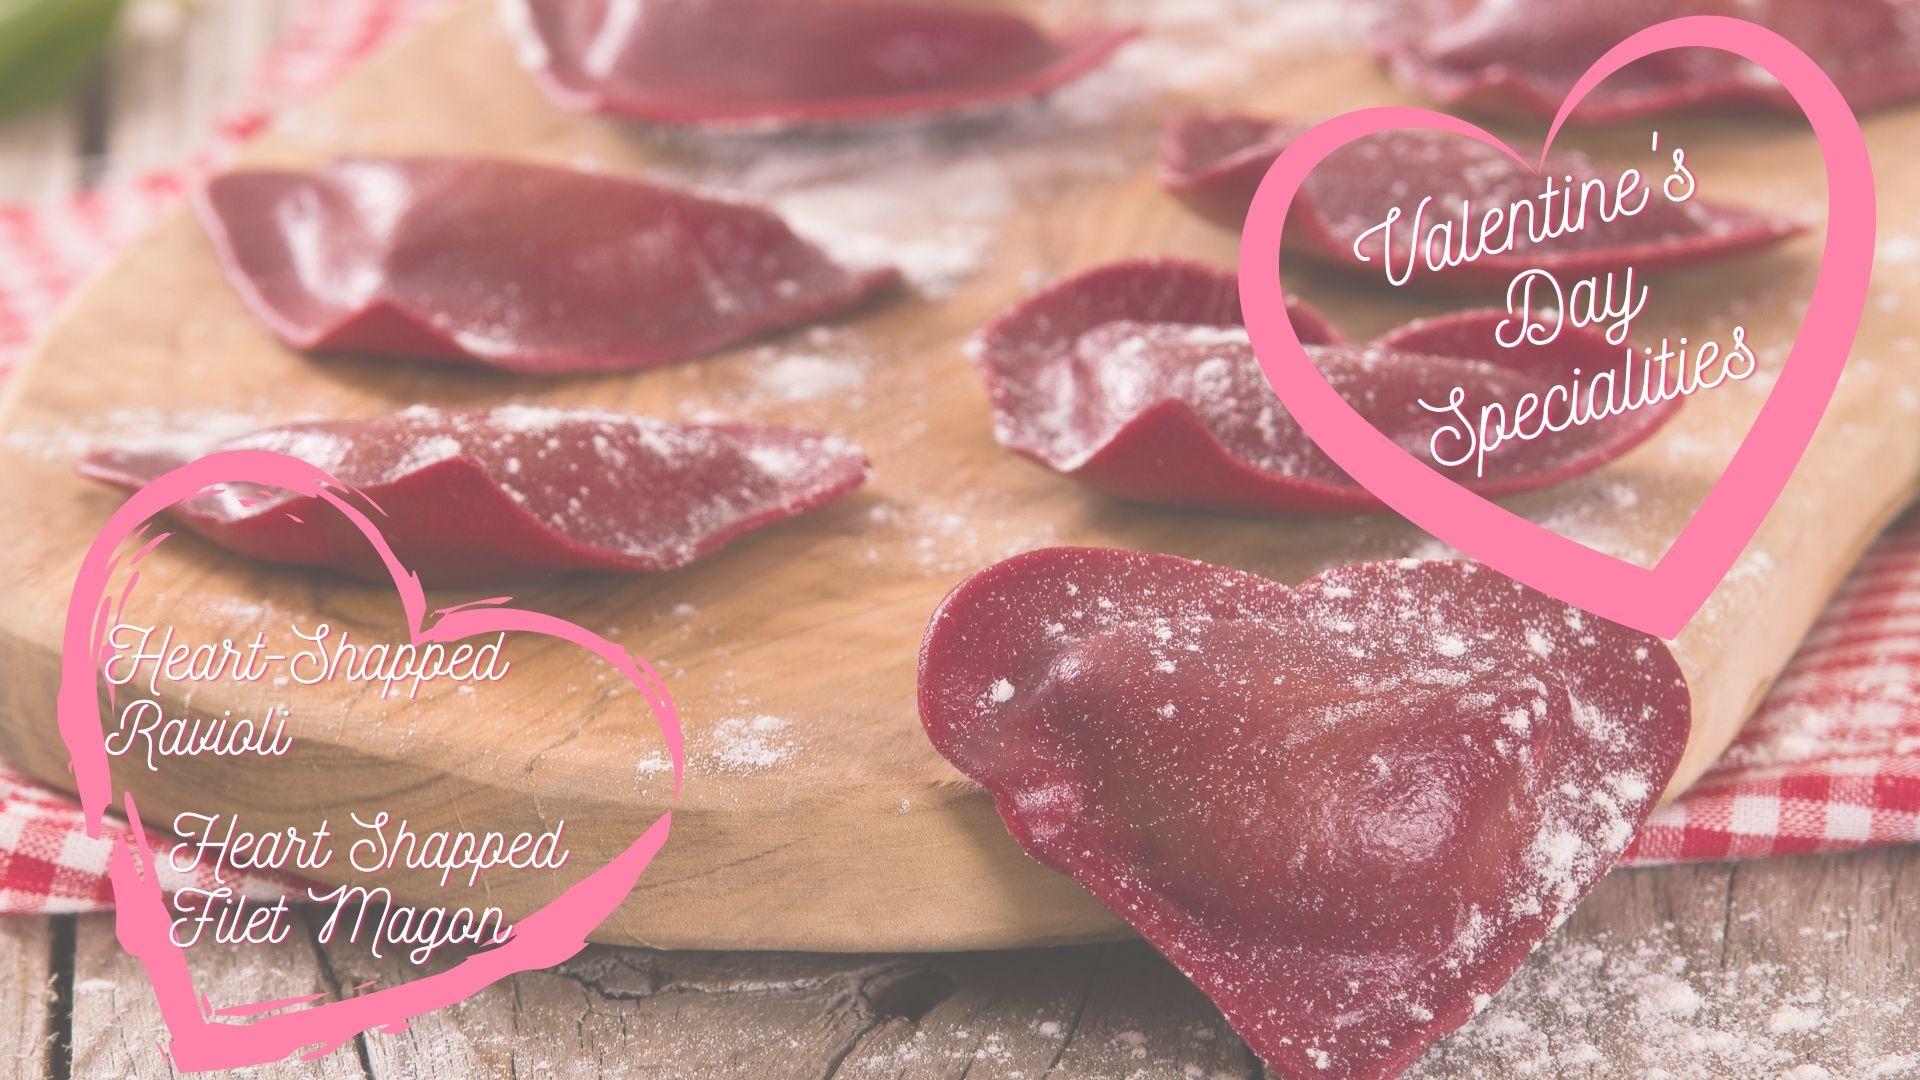 Josefs Valentine Website Background